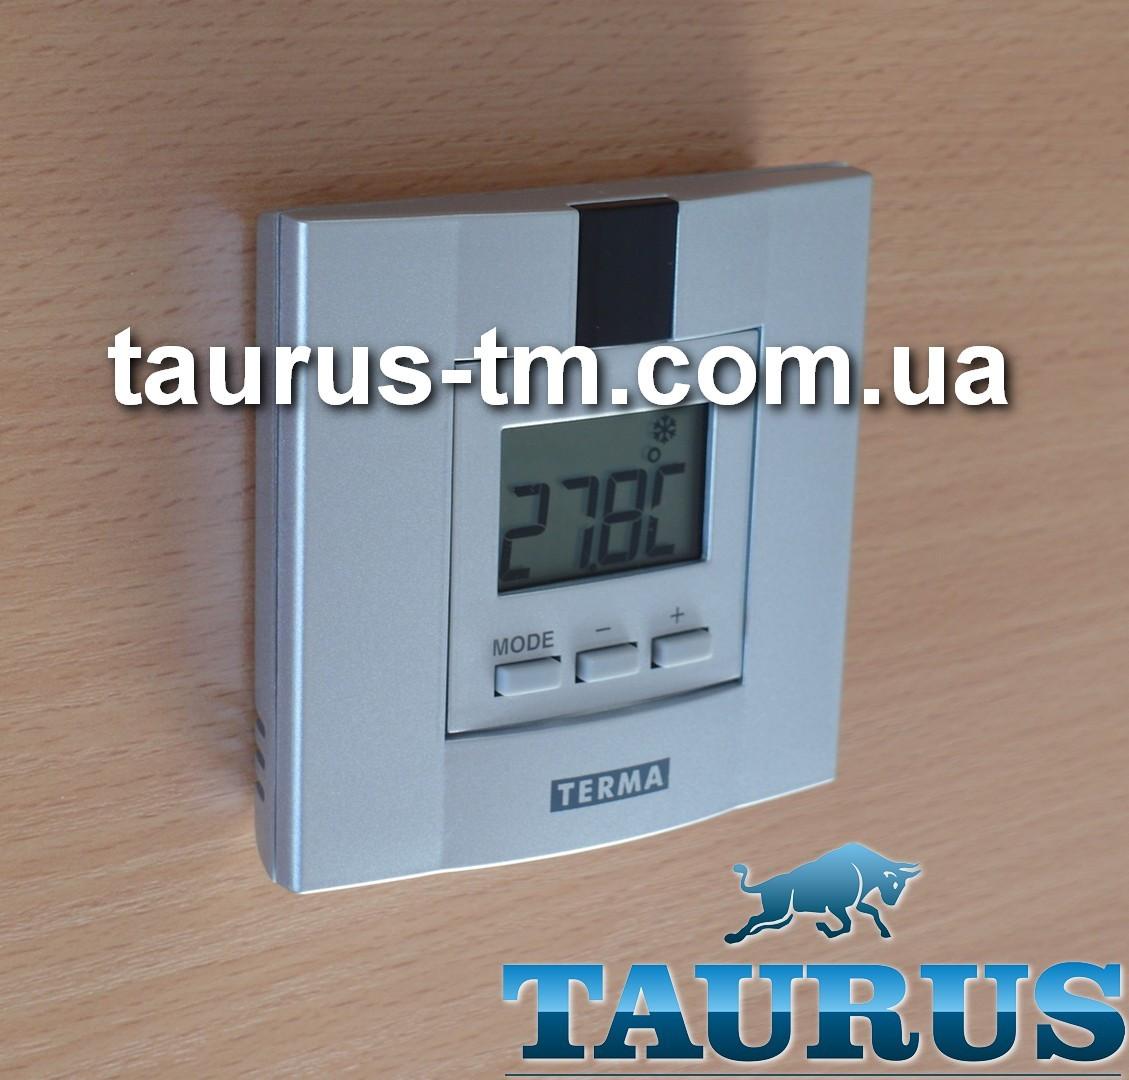 Беспроводной пульт управления DTiR silver + суточный программатор для ТЭНа в полотенцесушитель, серый. Польша